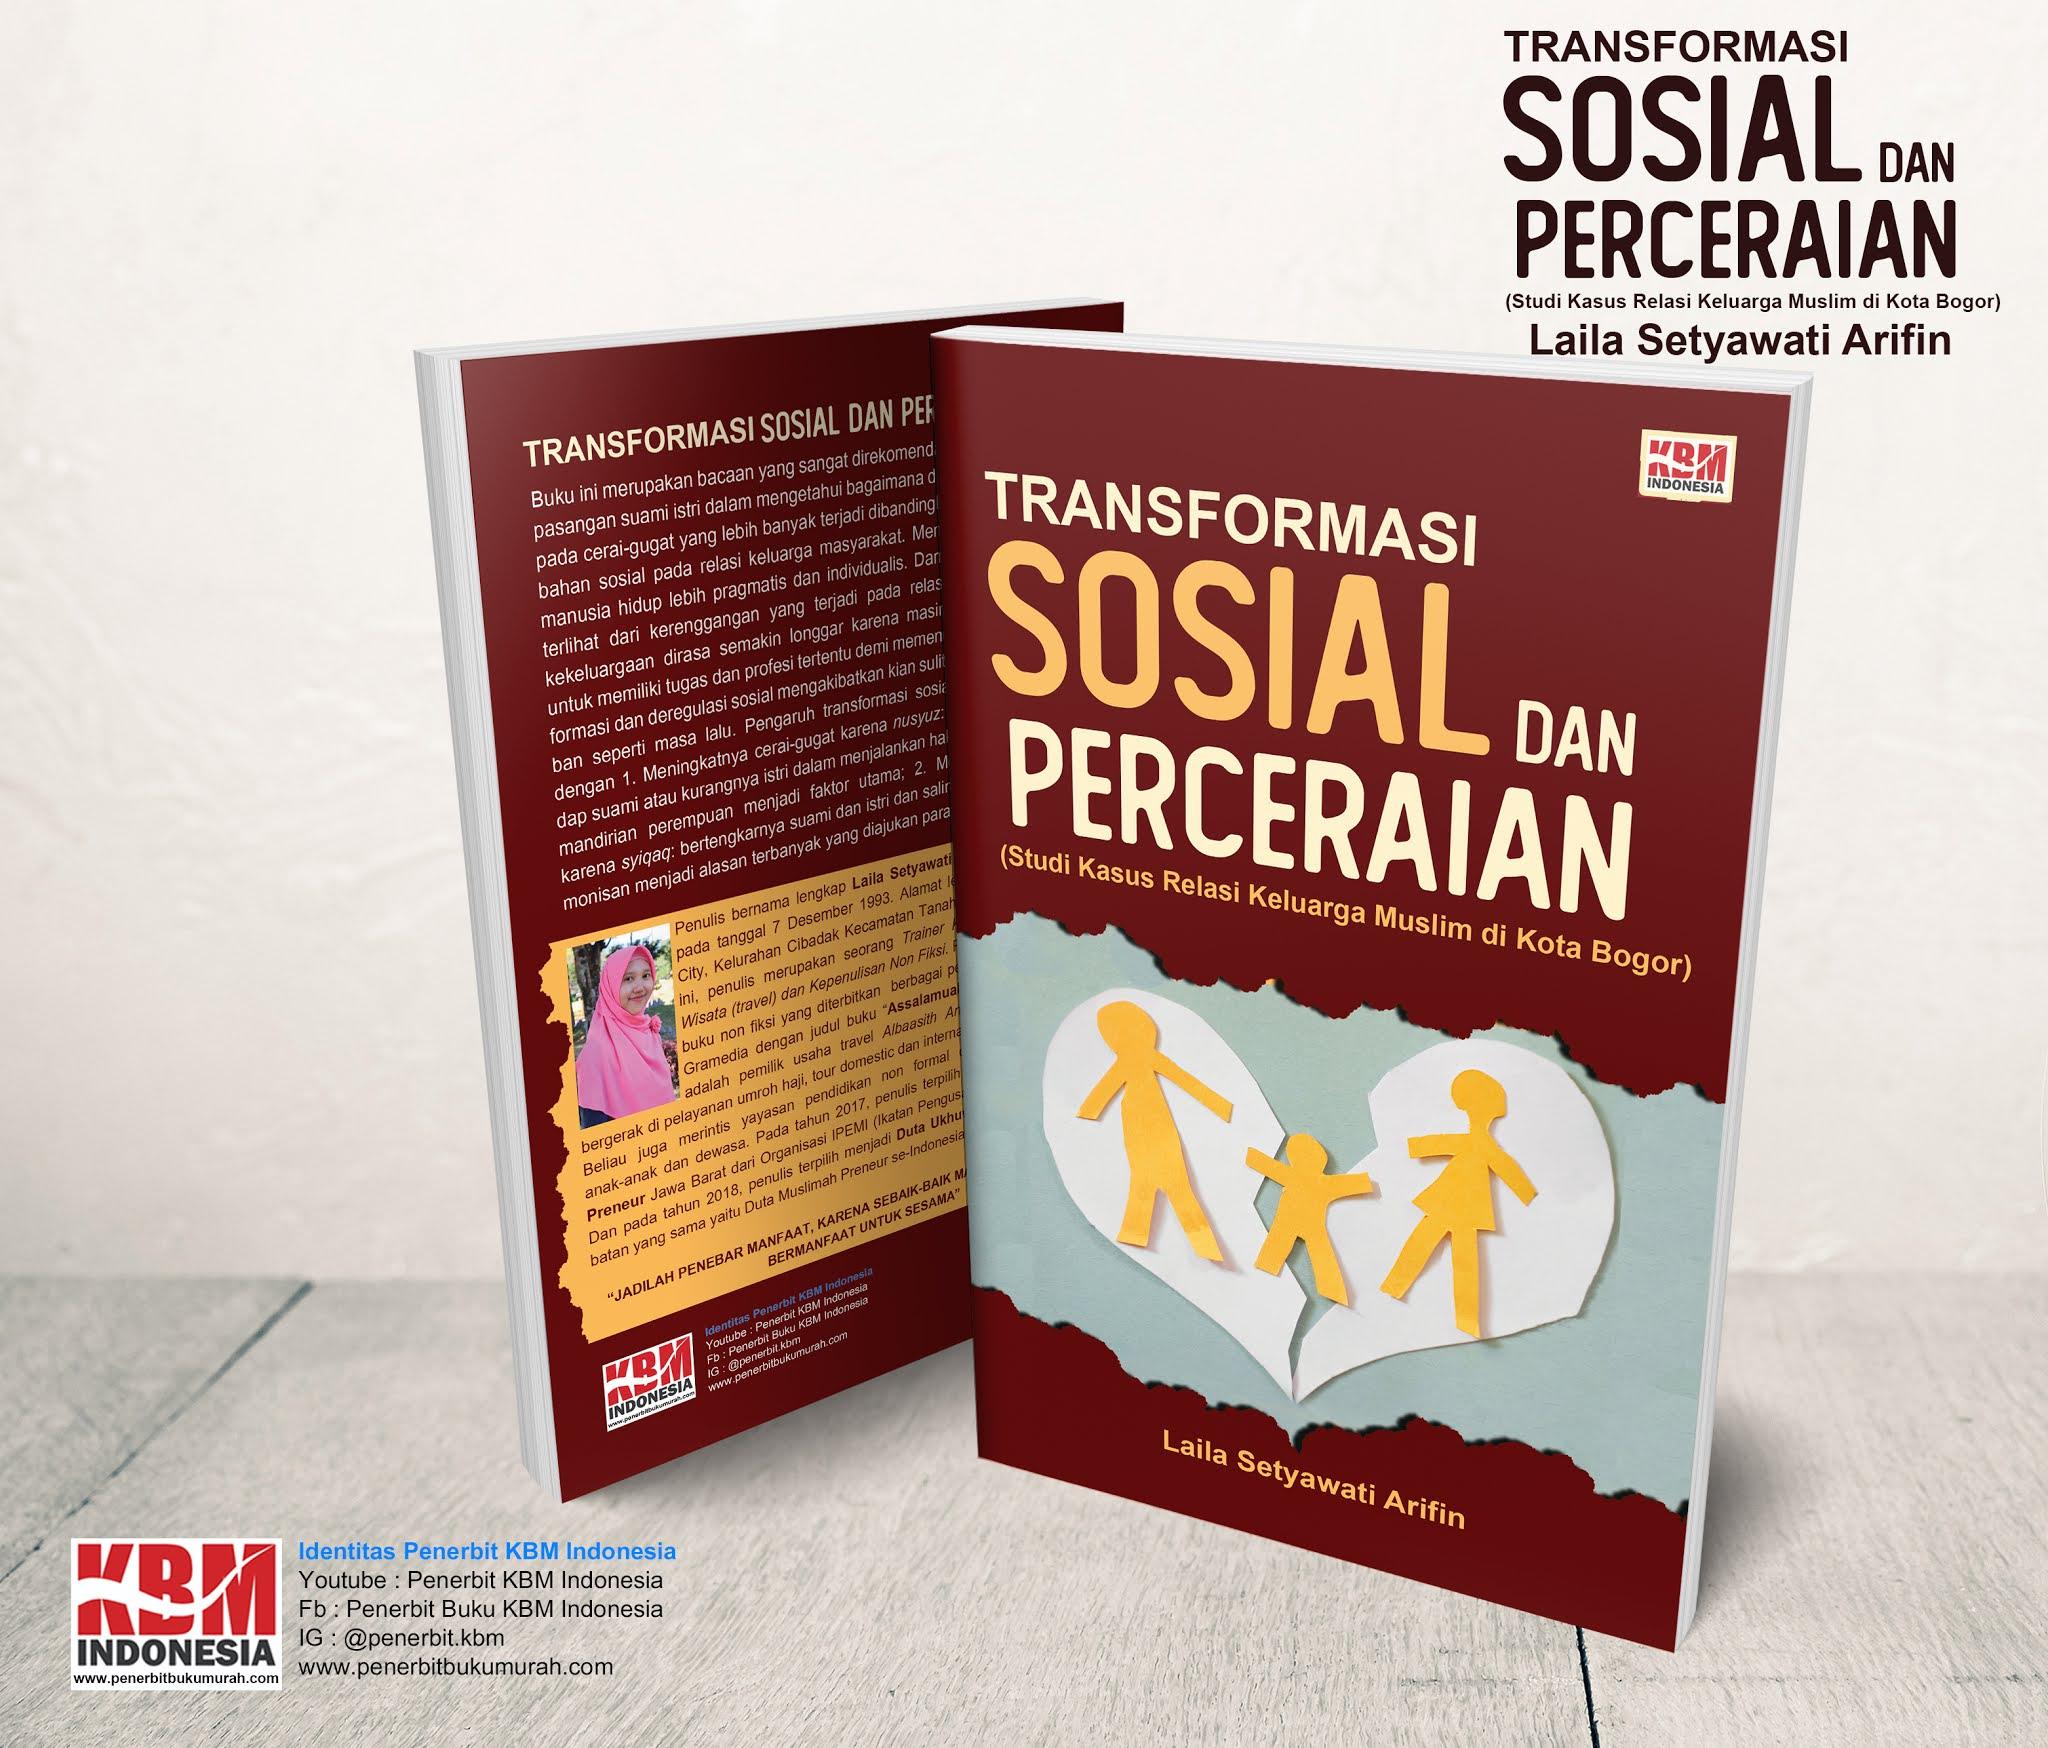 TRANSFORMASI SOSIAL DAN PERCERAIAN